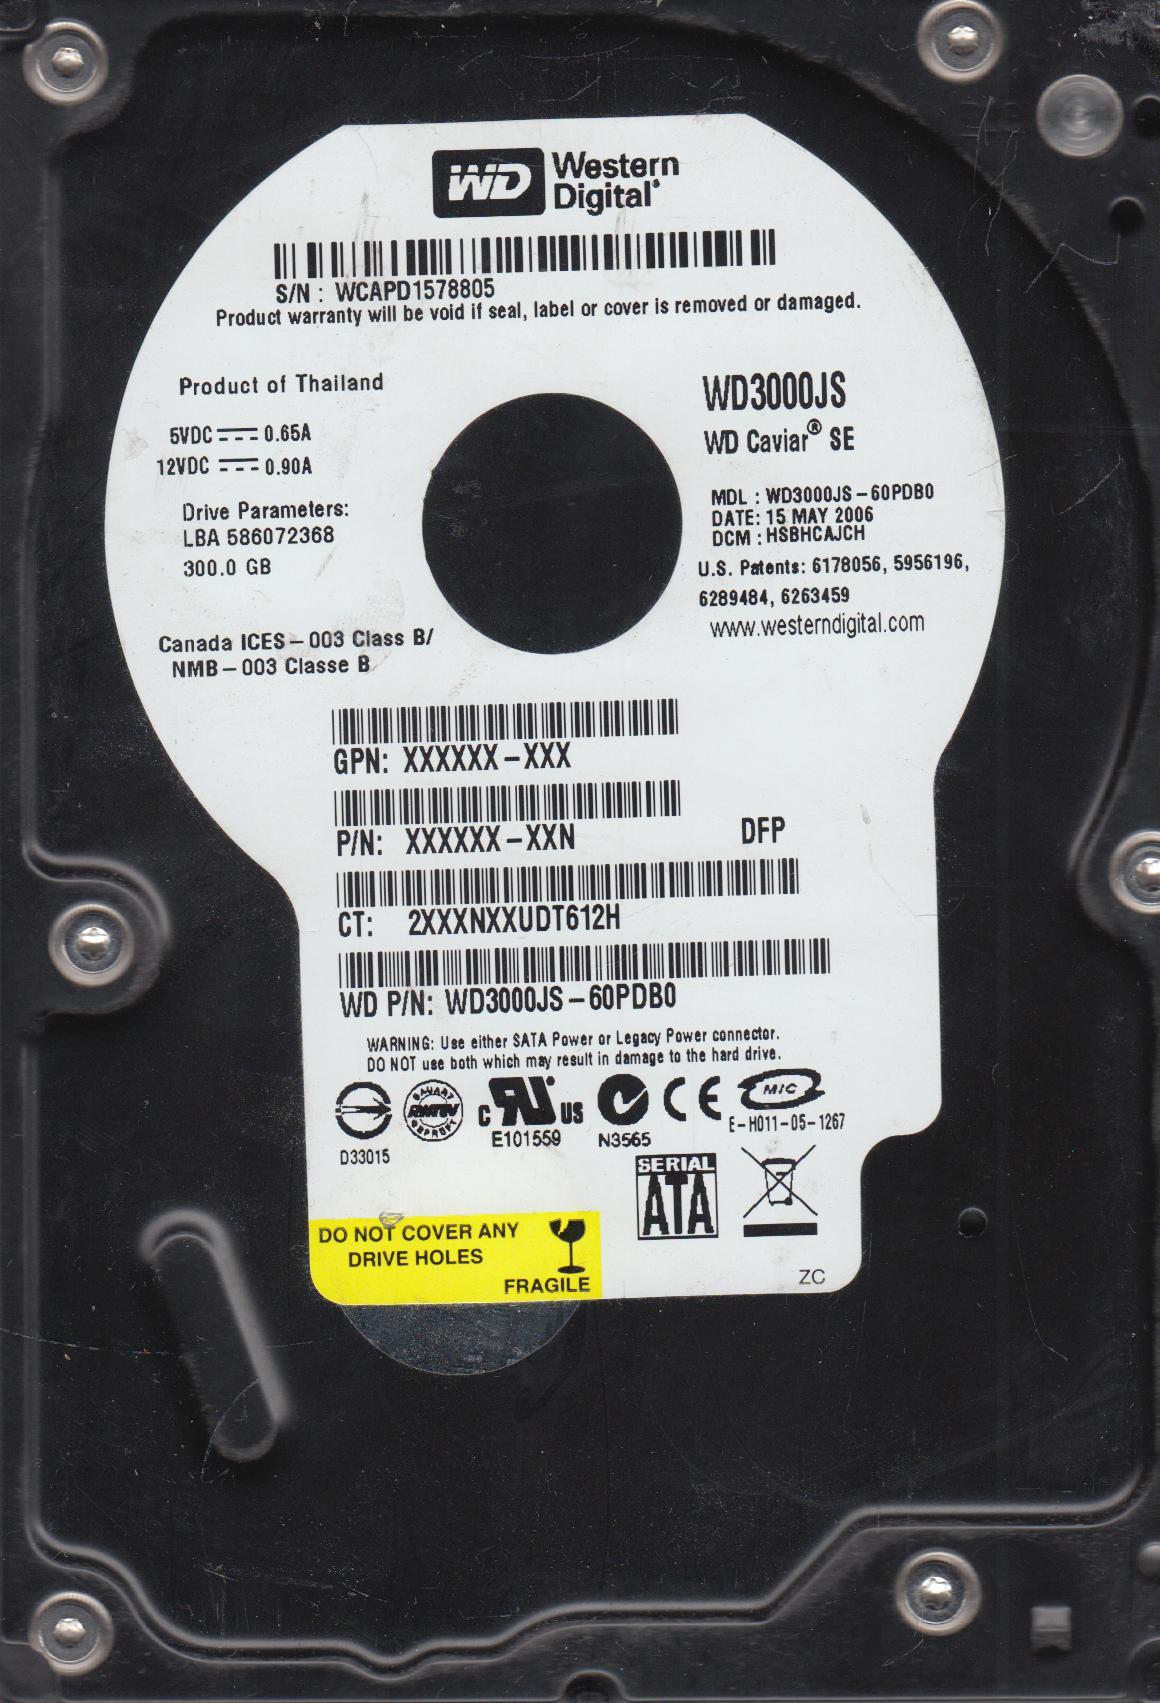 WD3000JS-60PDB0, DCM HSBHCAJCH, Western Digital 300GB SATA 3.5 Hard Drive by Western Digital